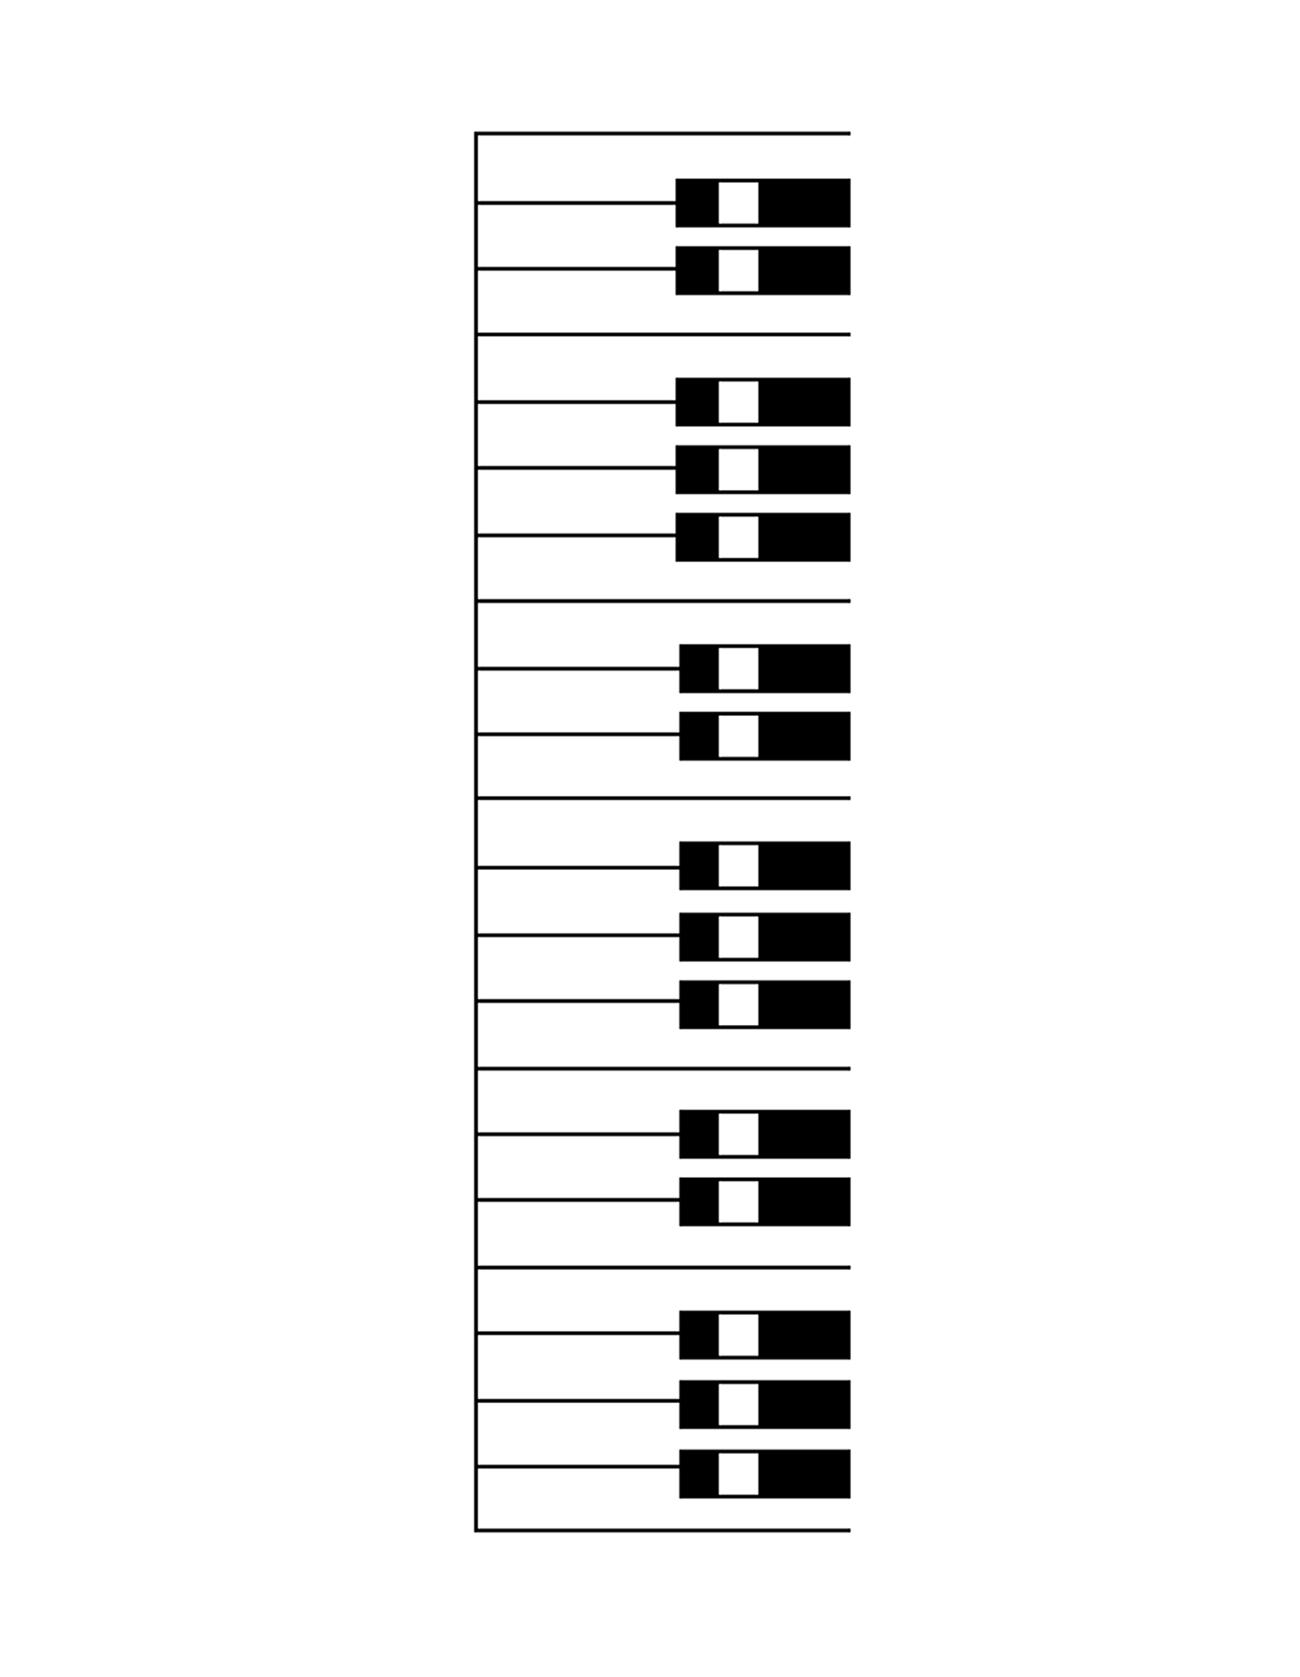 Piano Keyboard Layout Printable